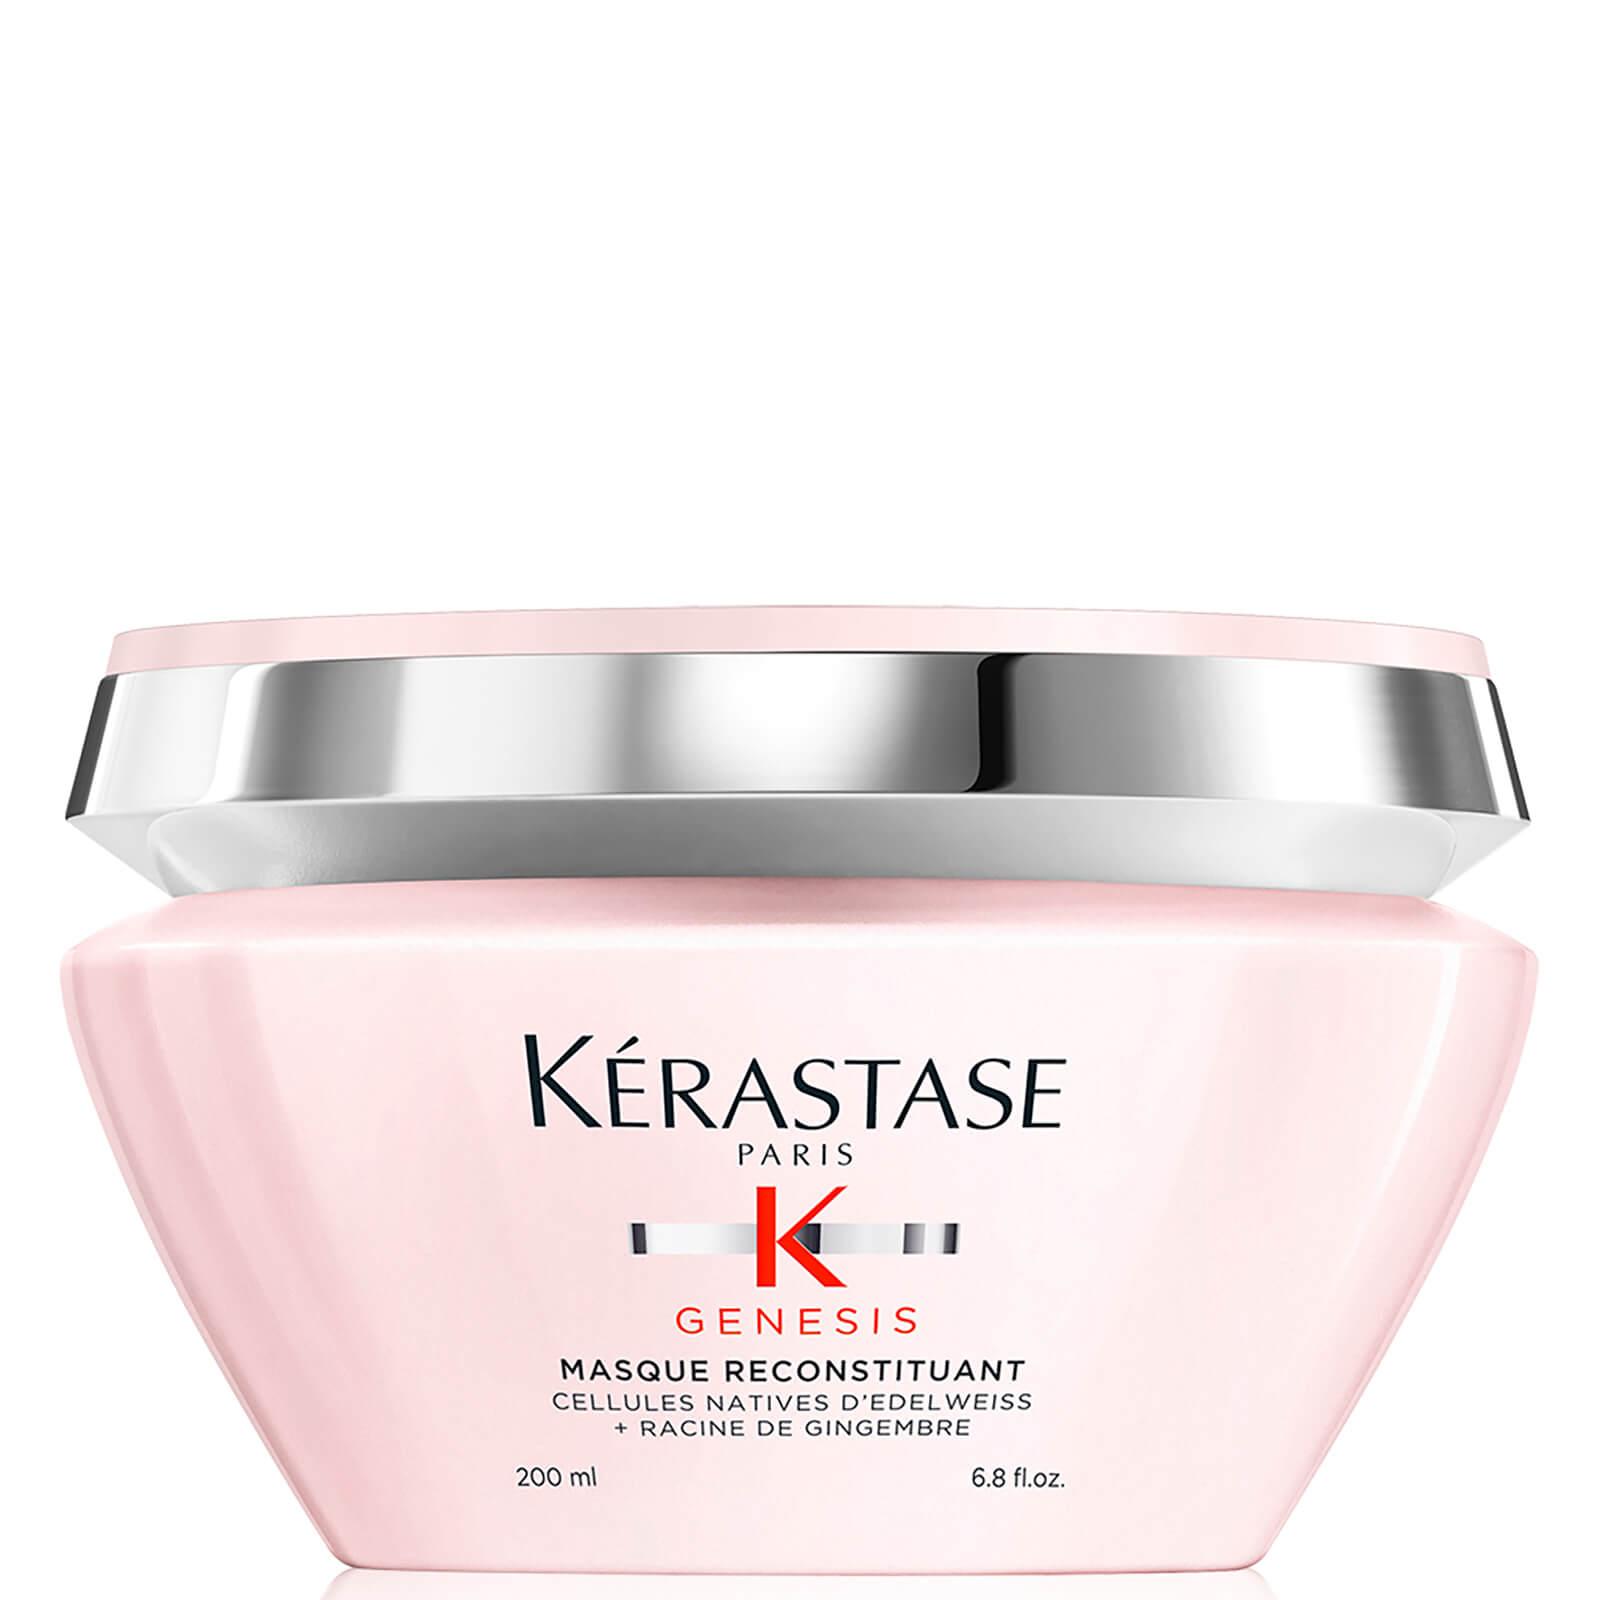 Kérastase Genesis Masque Reconstituant Hair Mask 200ml